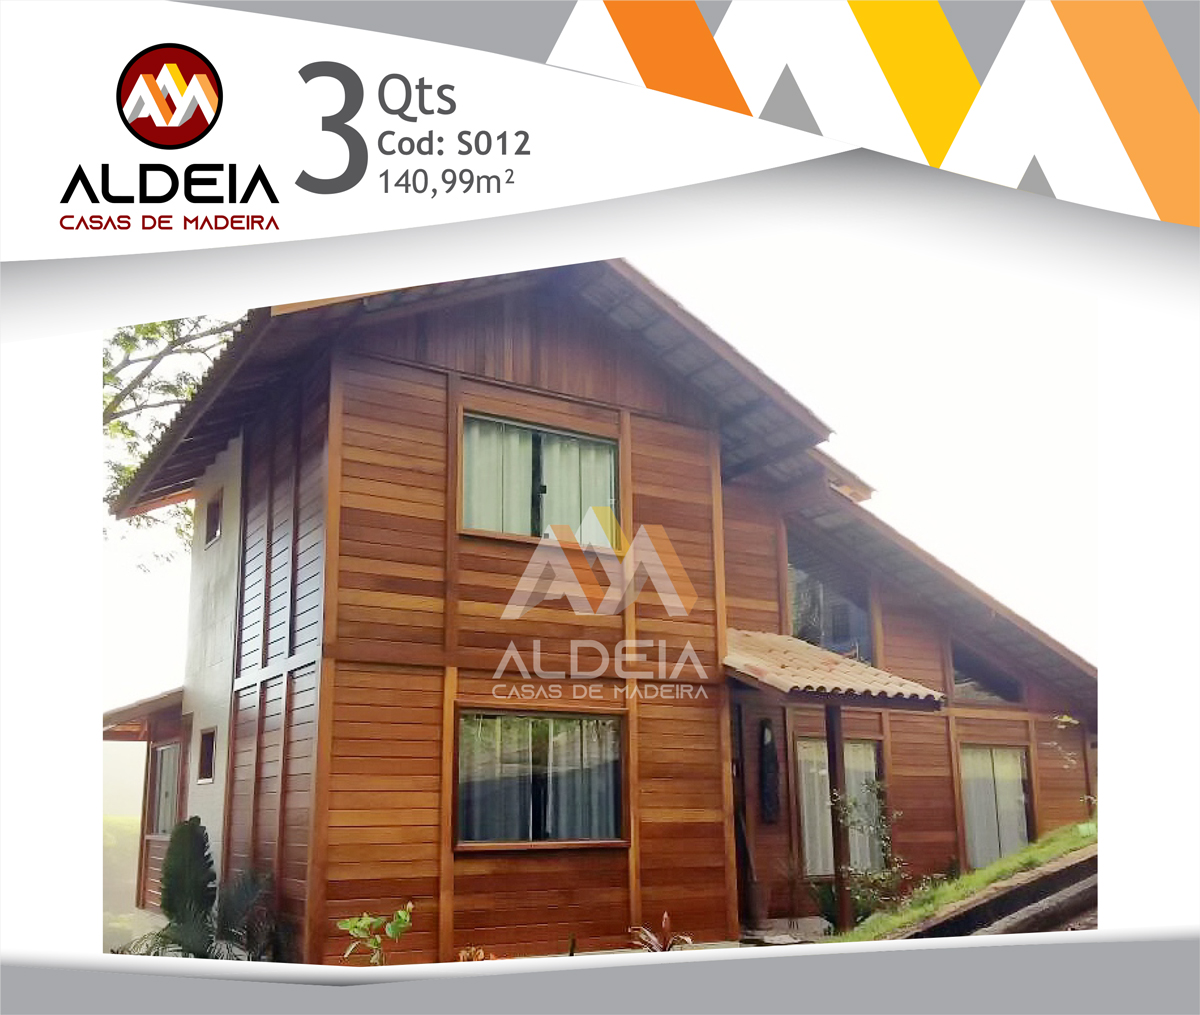 aldeia-casas-madeira-fachada-S012